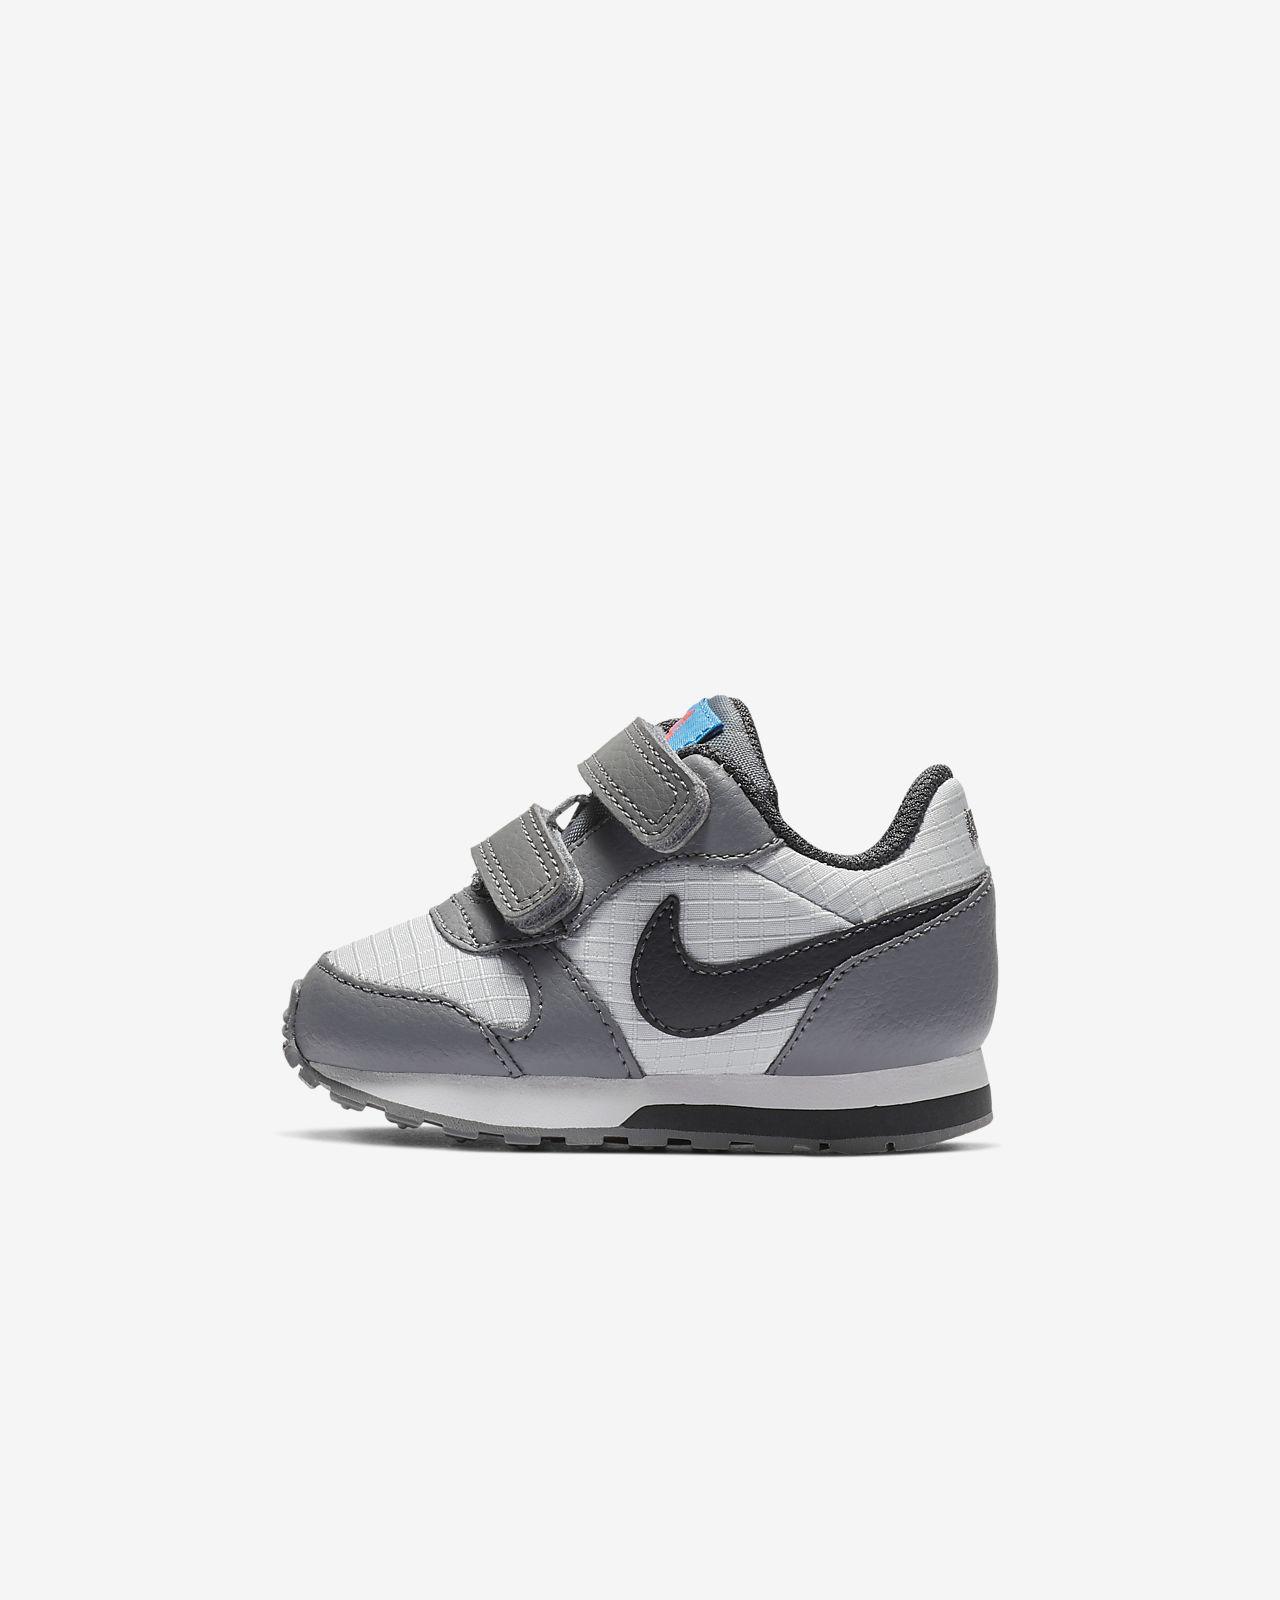 MD BébéPetit pour Nike enfantCA Chaussure Runner 2 D2YH9IWE